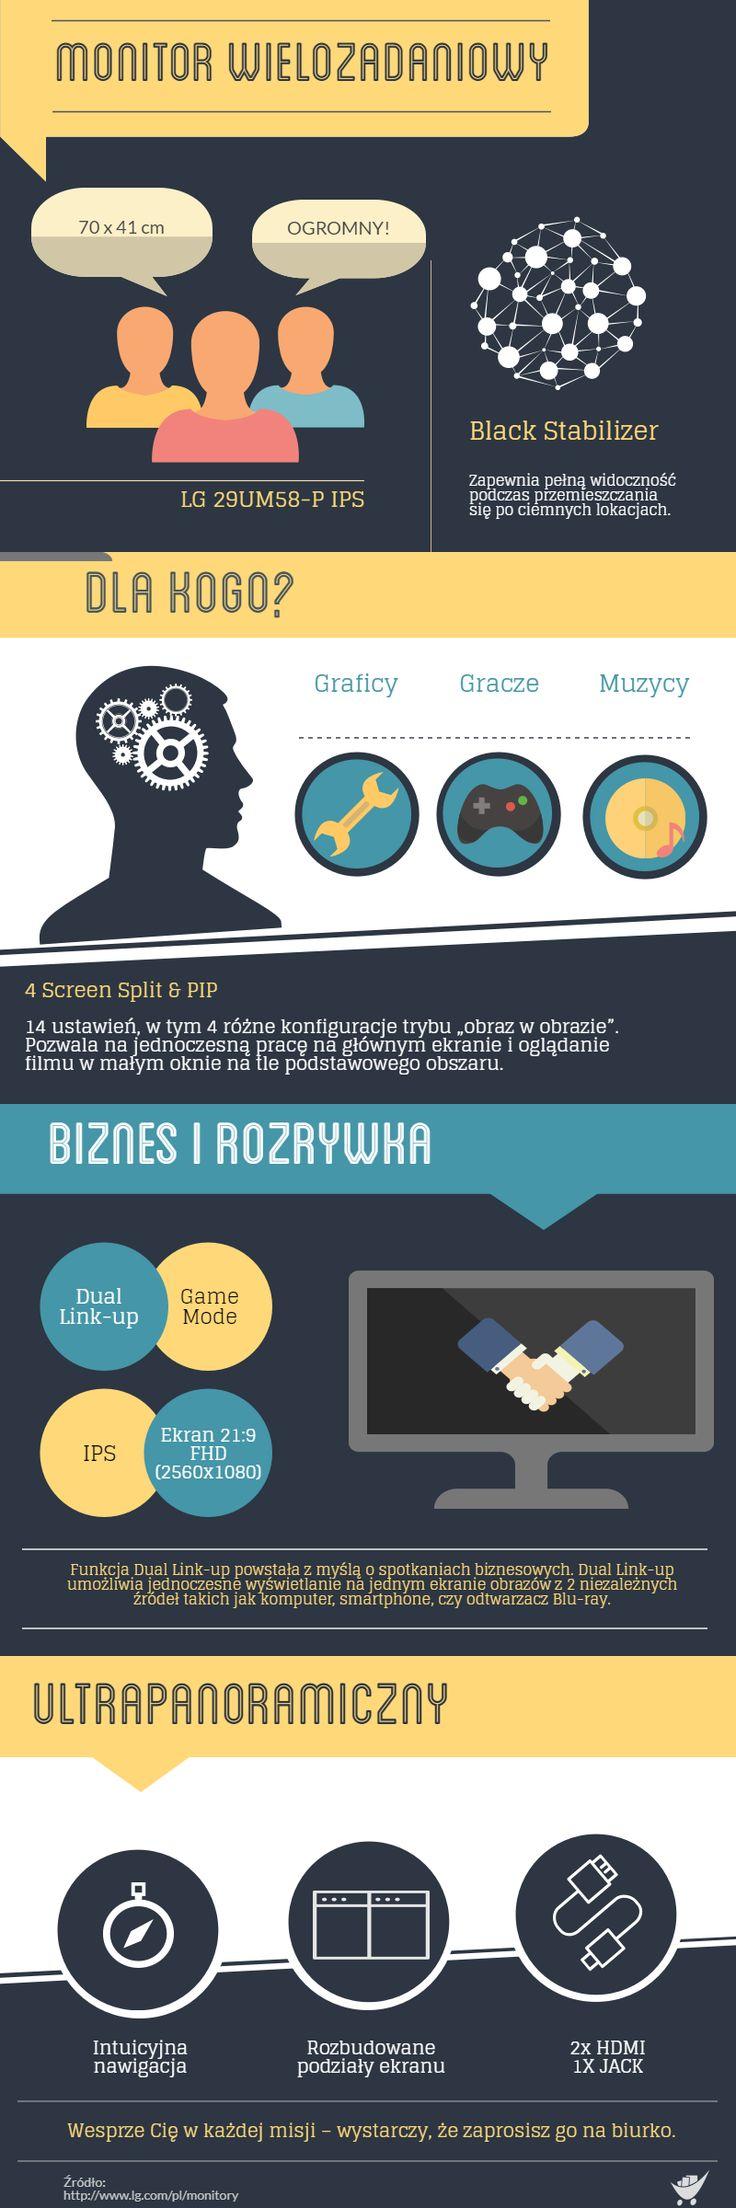 Szybkie info o ultrapanoramie LG. #badzzadowolony #infographics